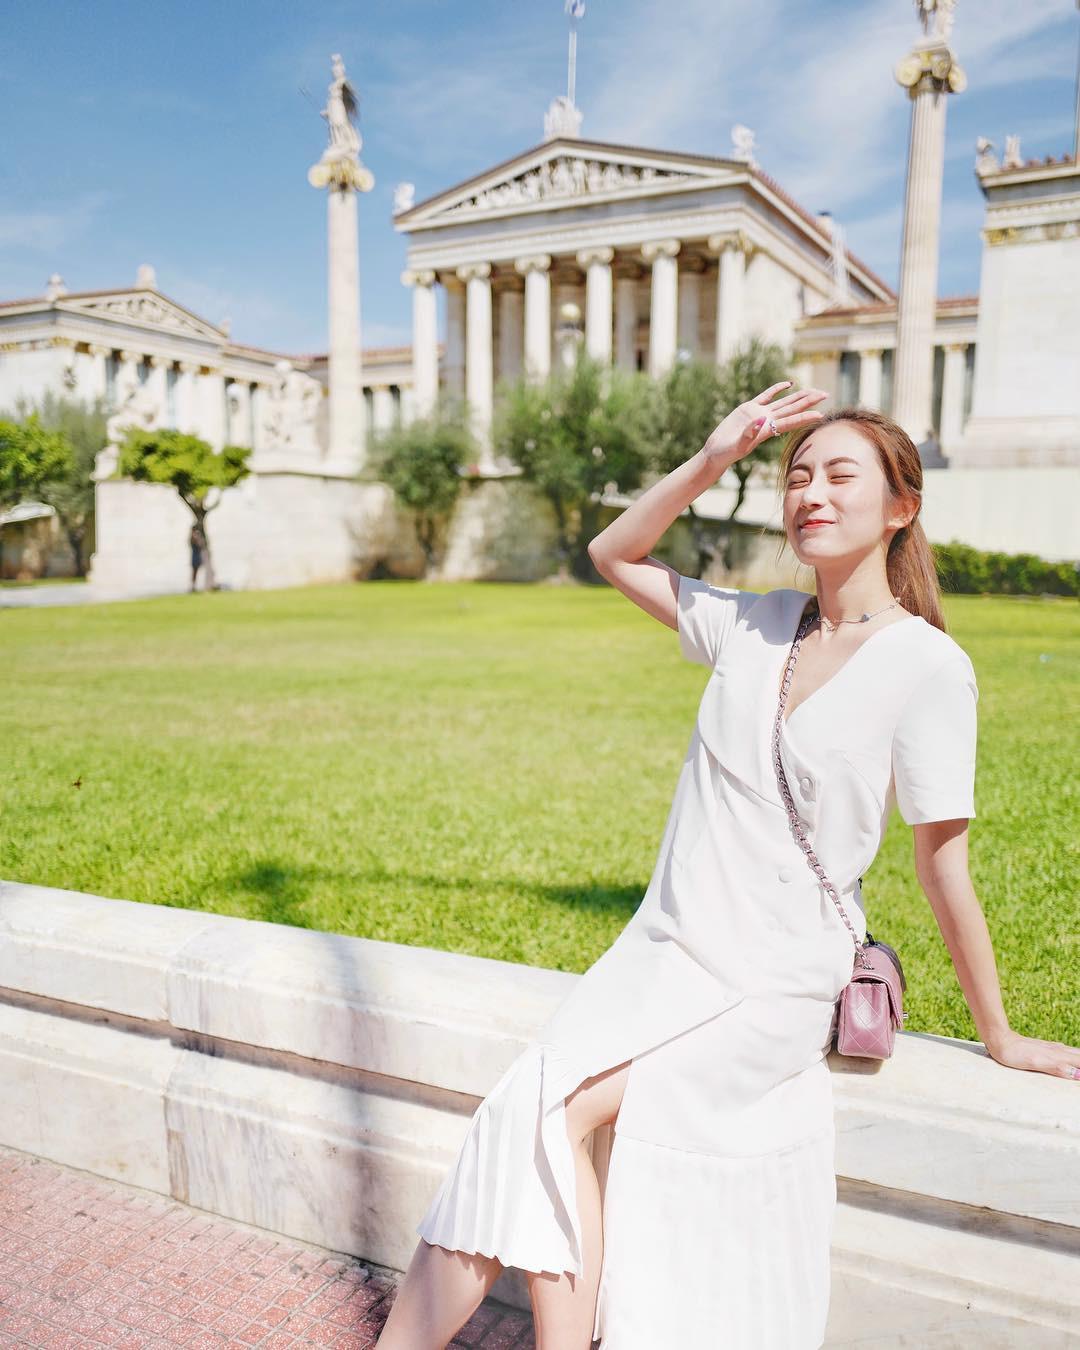 Da đẹp như gái Hàn: Khi bí mật không nằm ở loạt mỹ phẩm đắp lên mặt hay tầng tầng lớp lớp skincare mỗi ngày - Ảnh 9